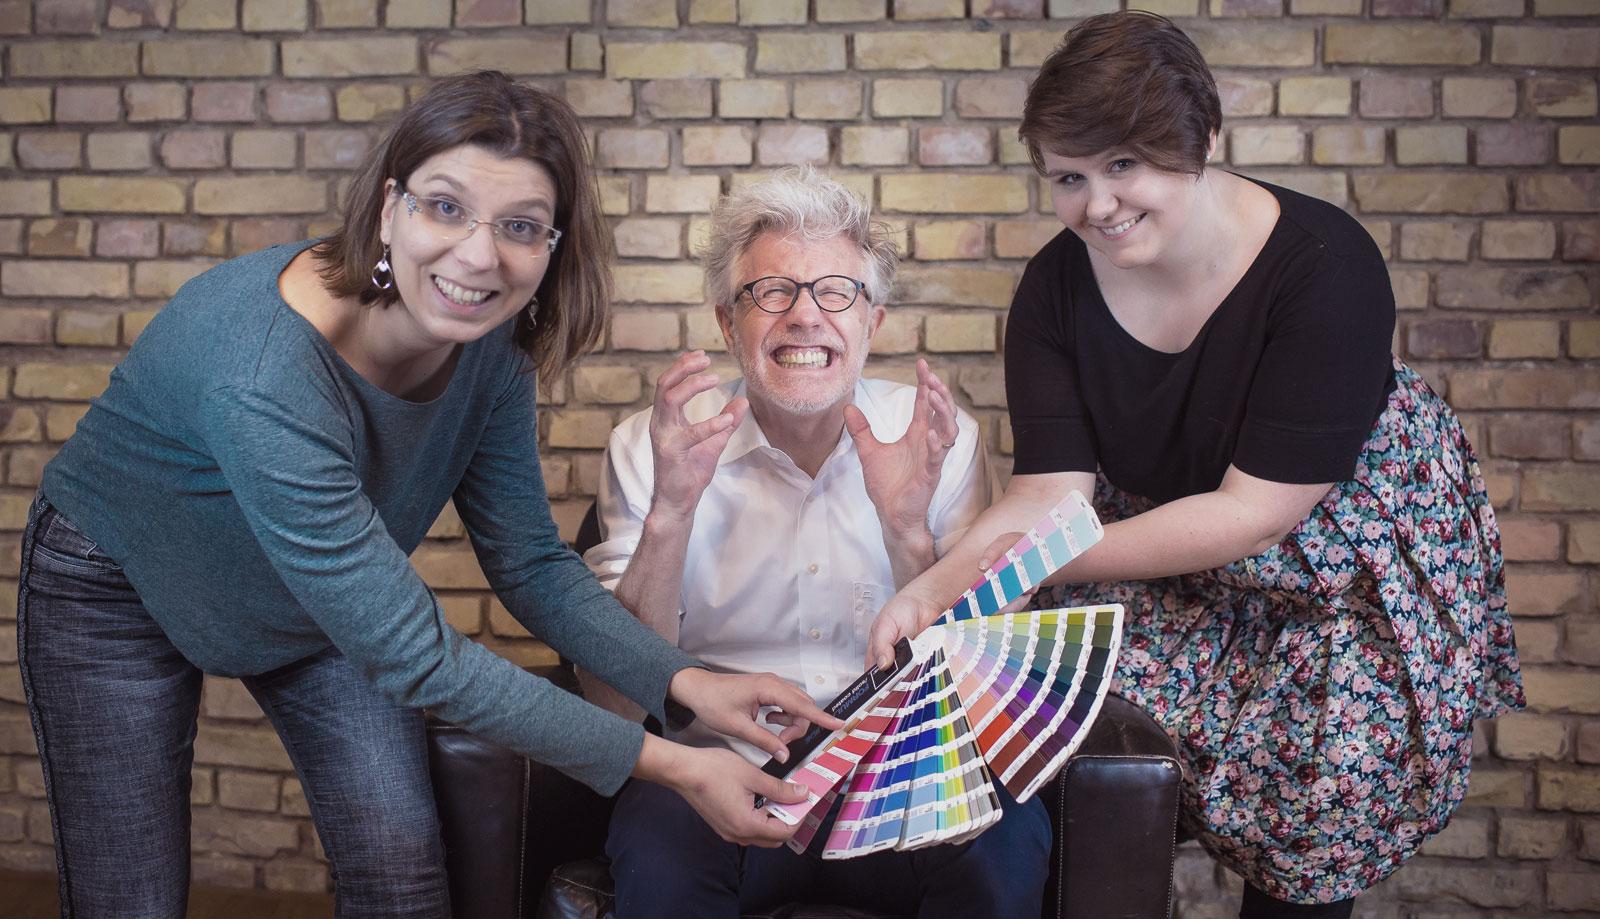 Prozess der Farben Findung für ein Projekt